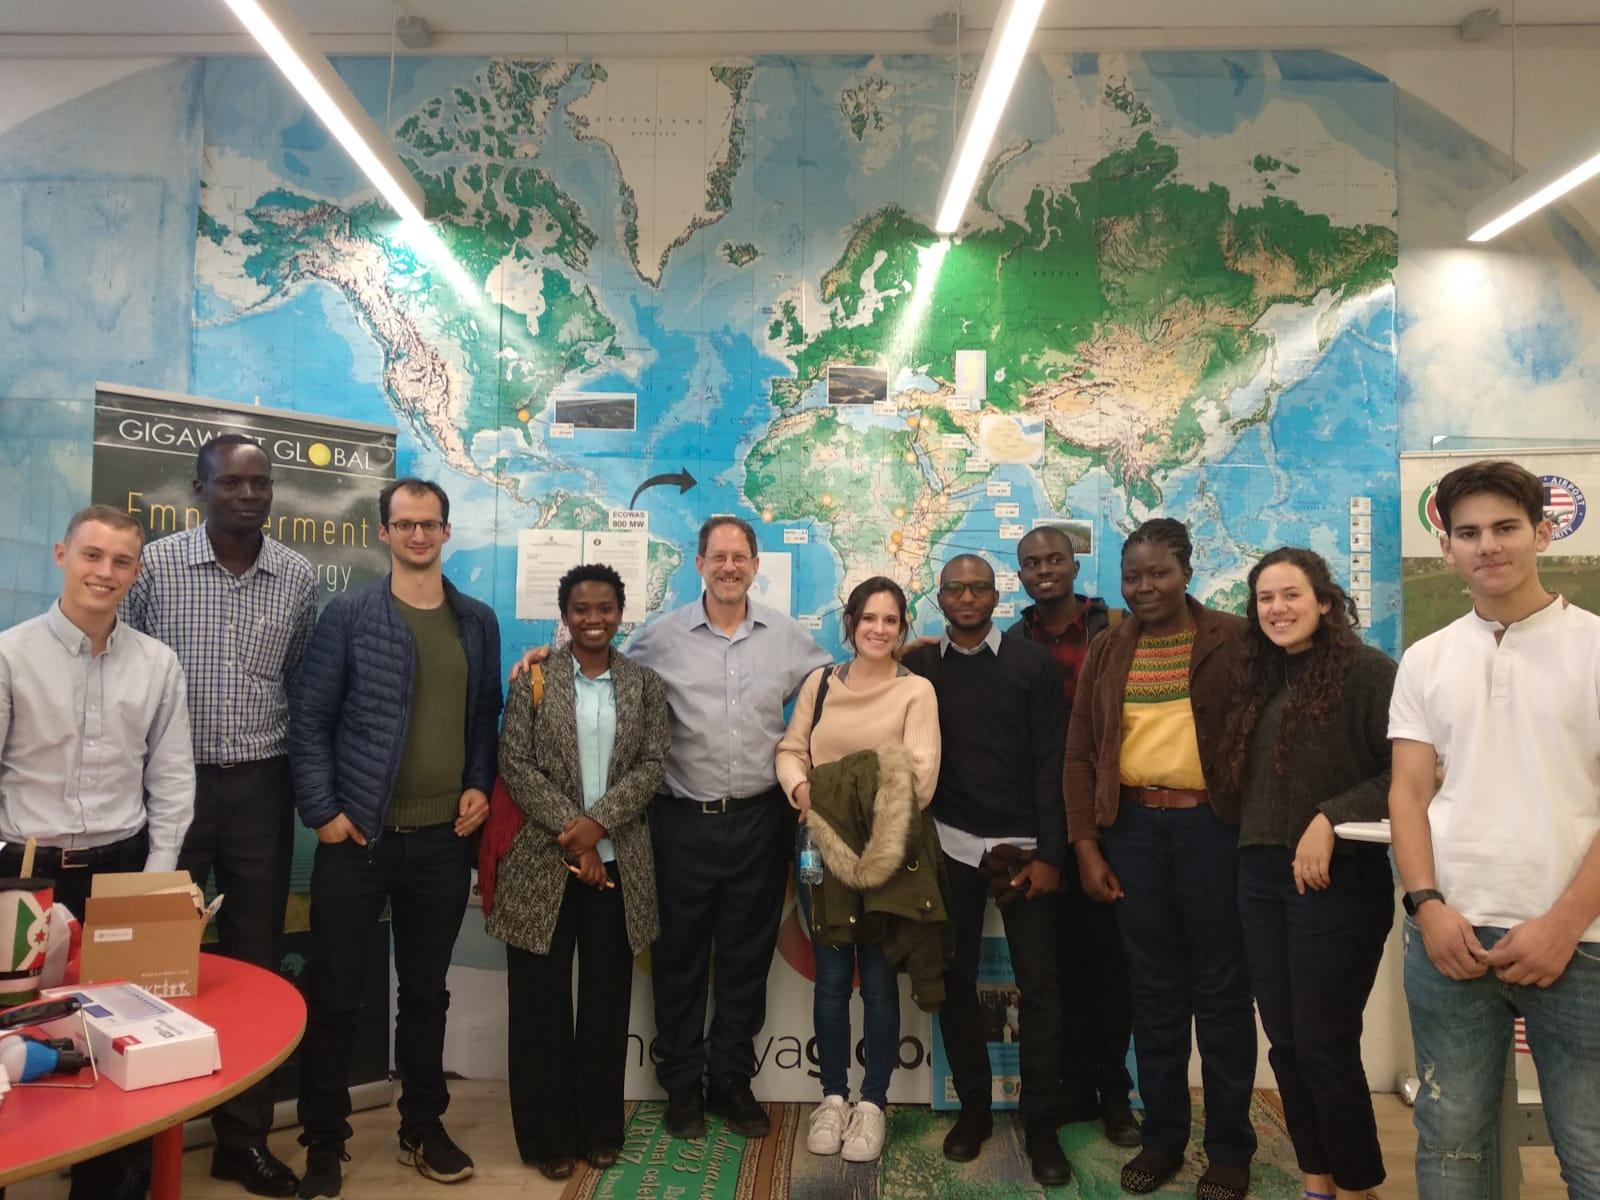 עמיתים הגלובליים, מחזור 2019, ג'יגהוואט גלובל